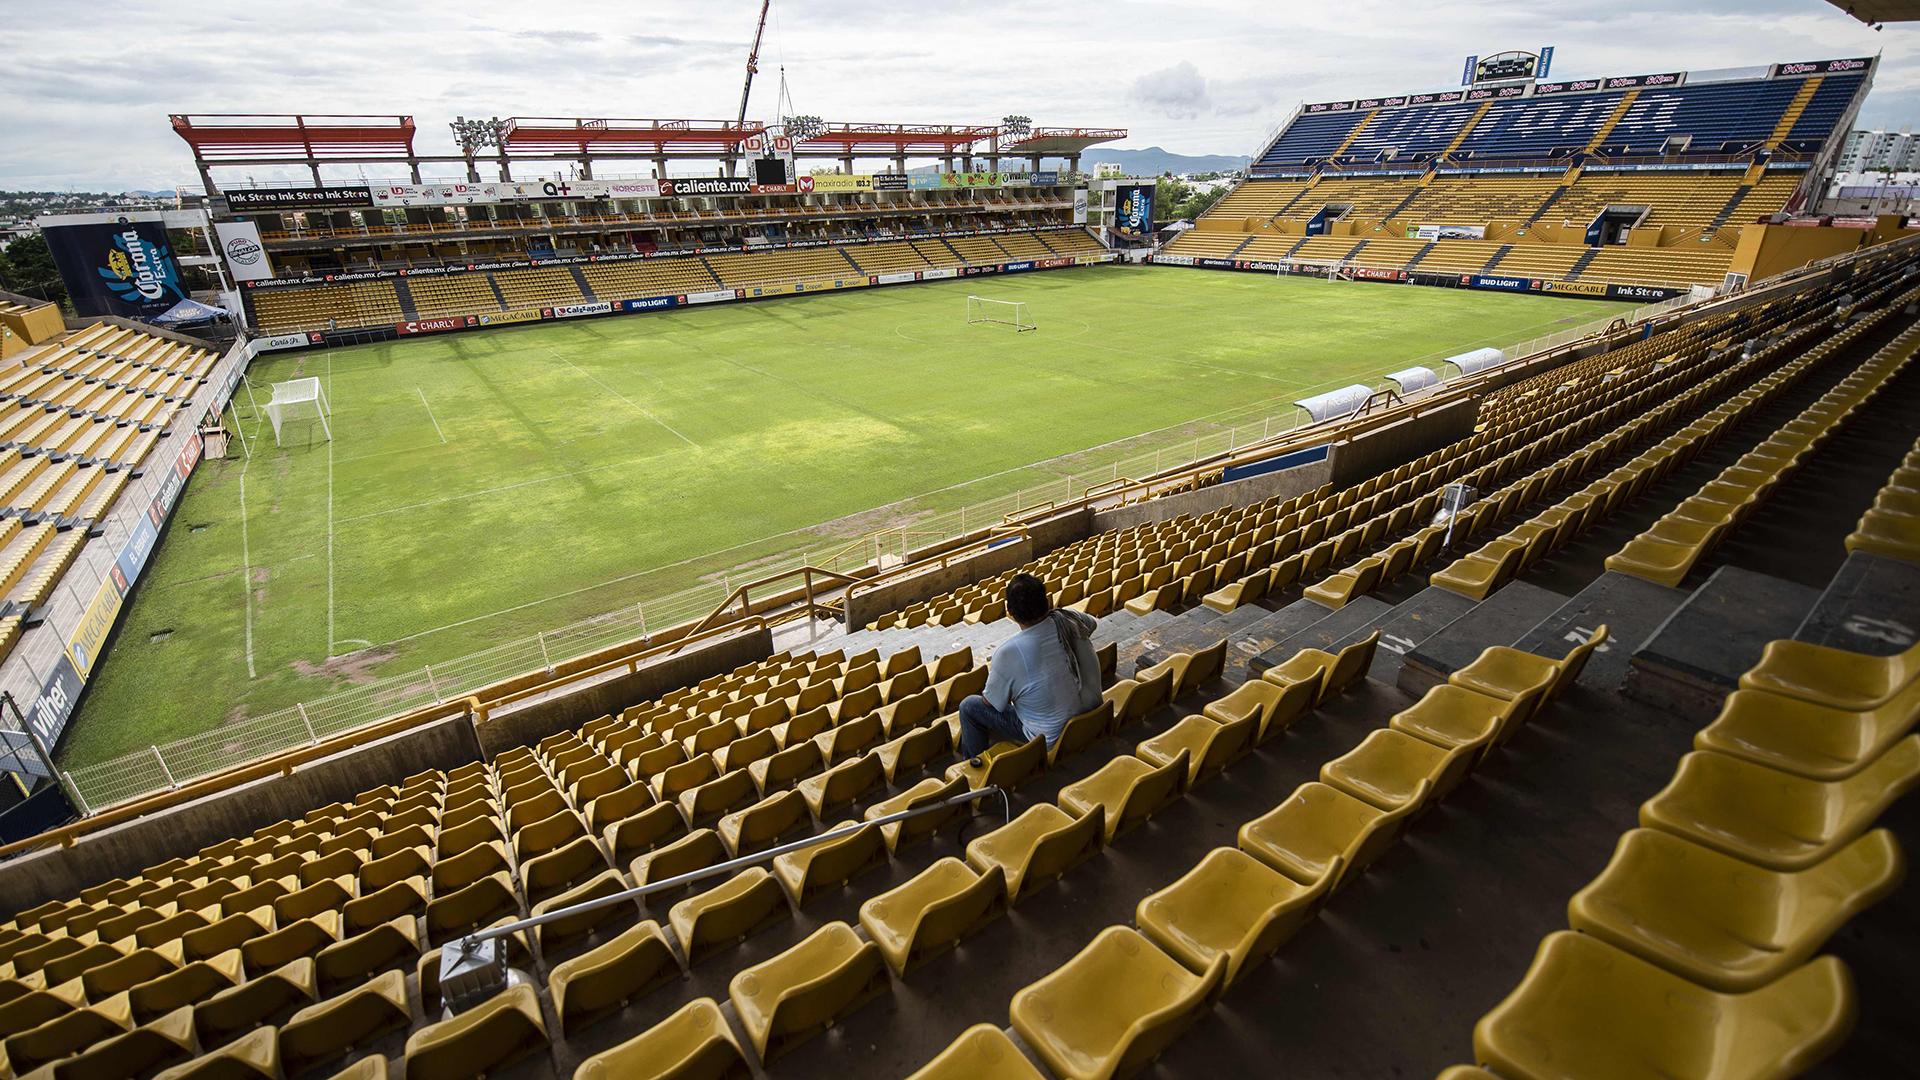 Otra imagen del estadio Banorte a la espera del nuevo entrenador de su equipo, los Dorados de Sinaloa, Diego Armando Maradona (AFP)